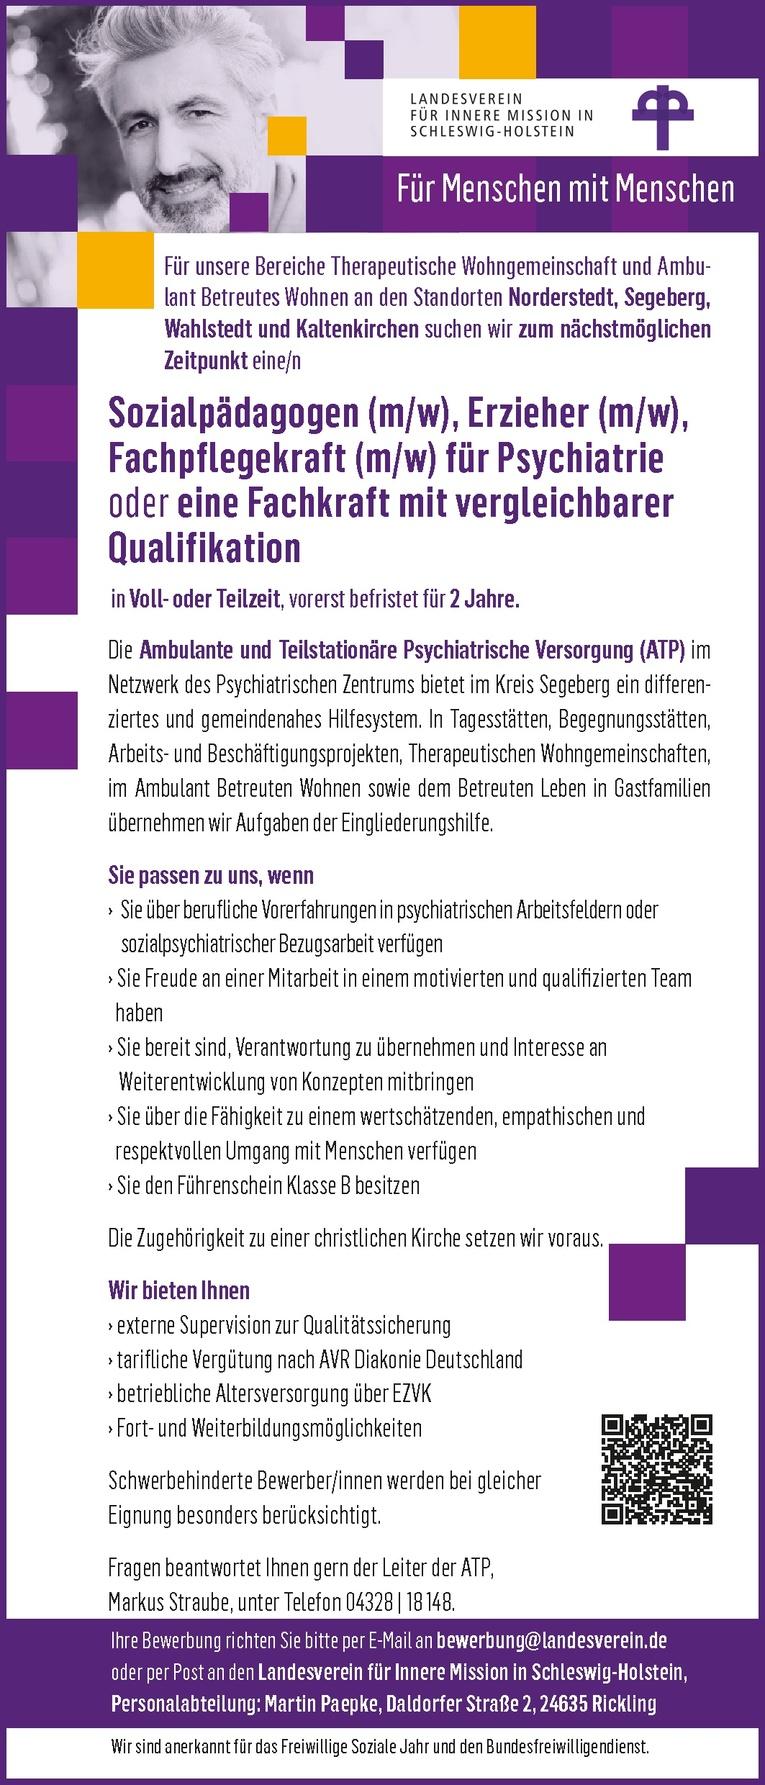 Sozialpädagoge, Erzieher, Fachpflegekraft für Psychiatrie oder eine Fachkraft mit vergleichbarer Qualifikation (m/w)